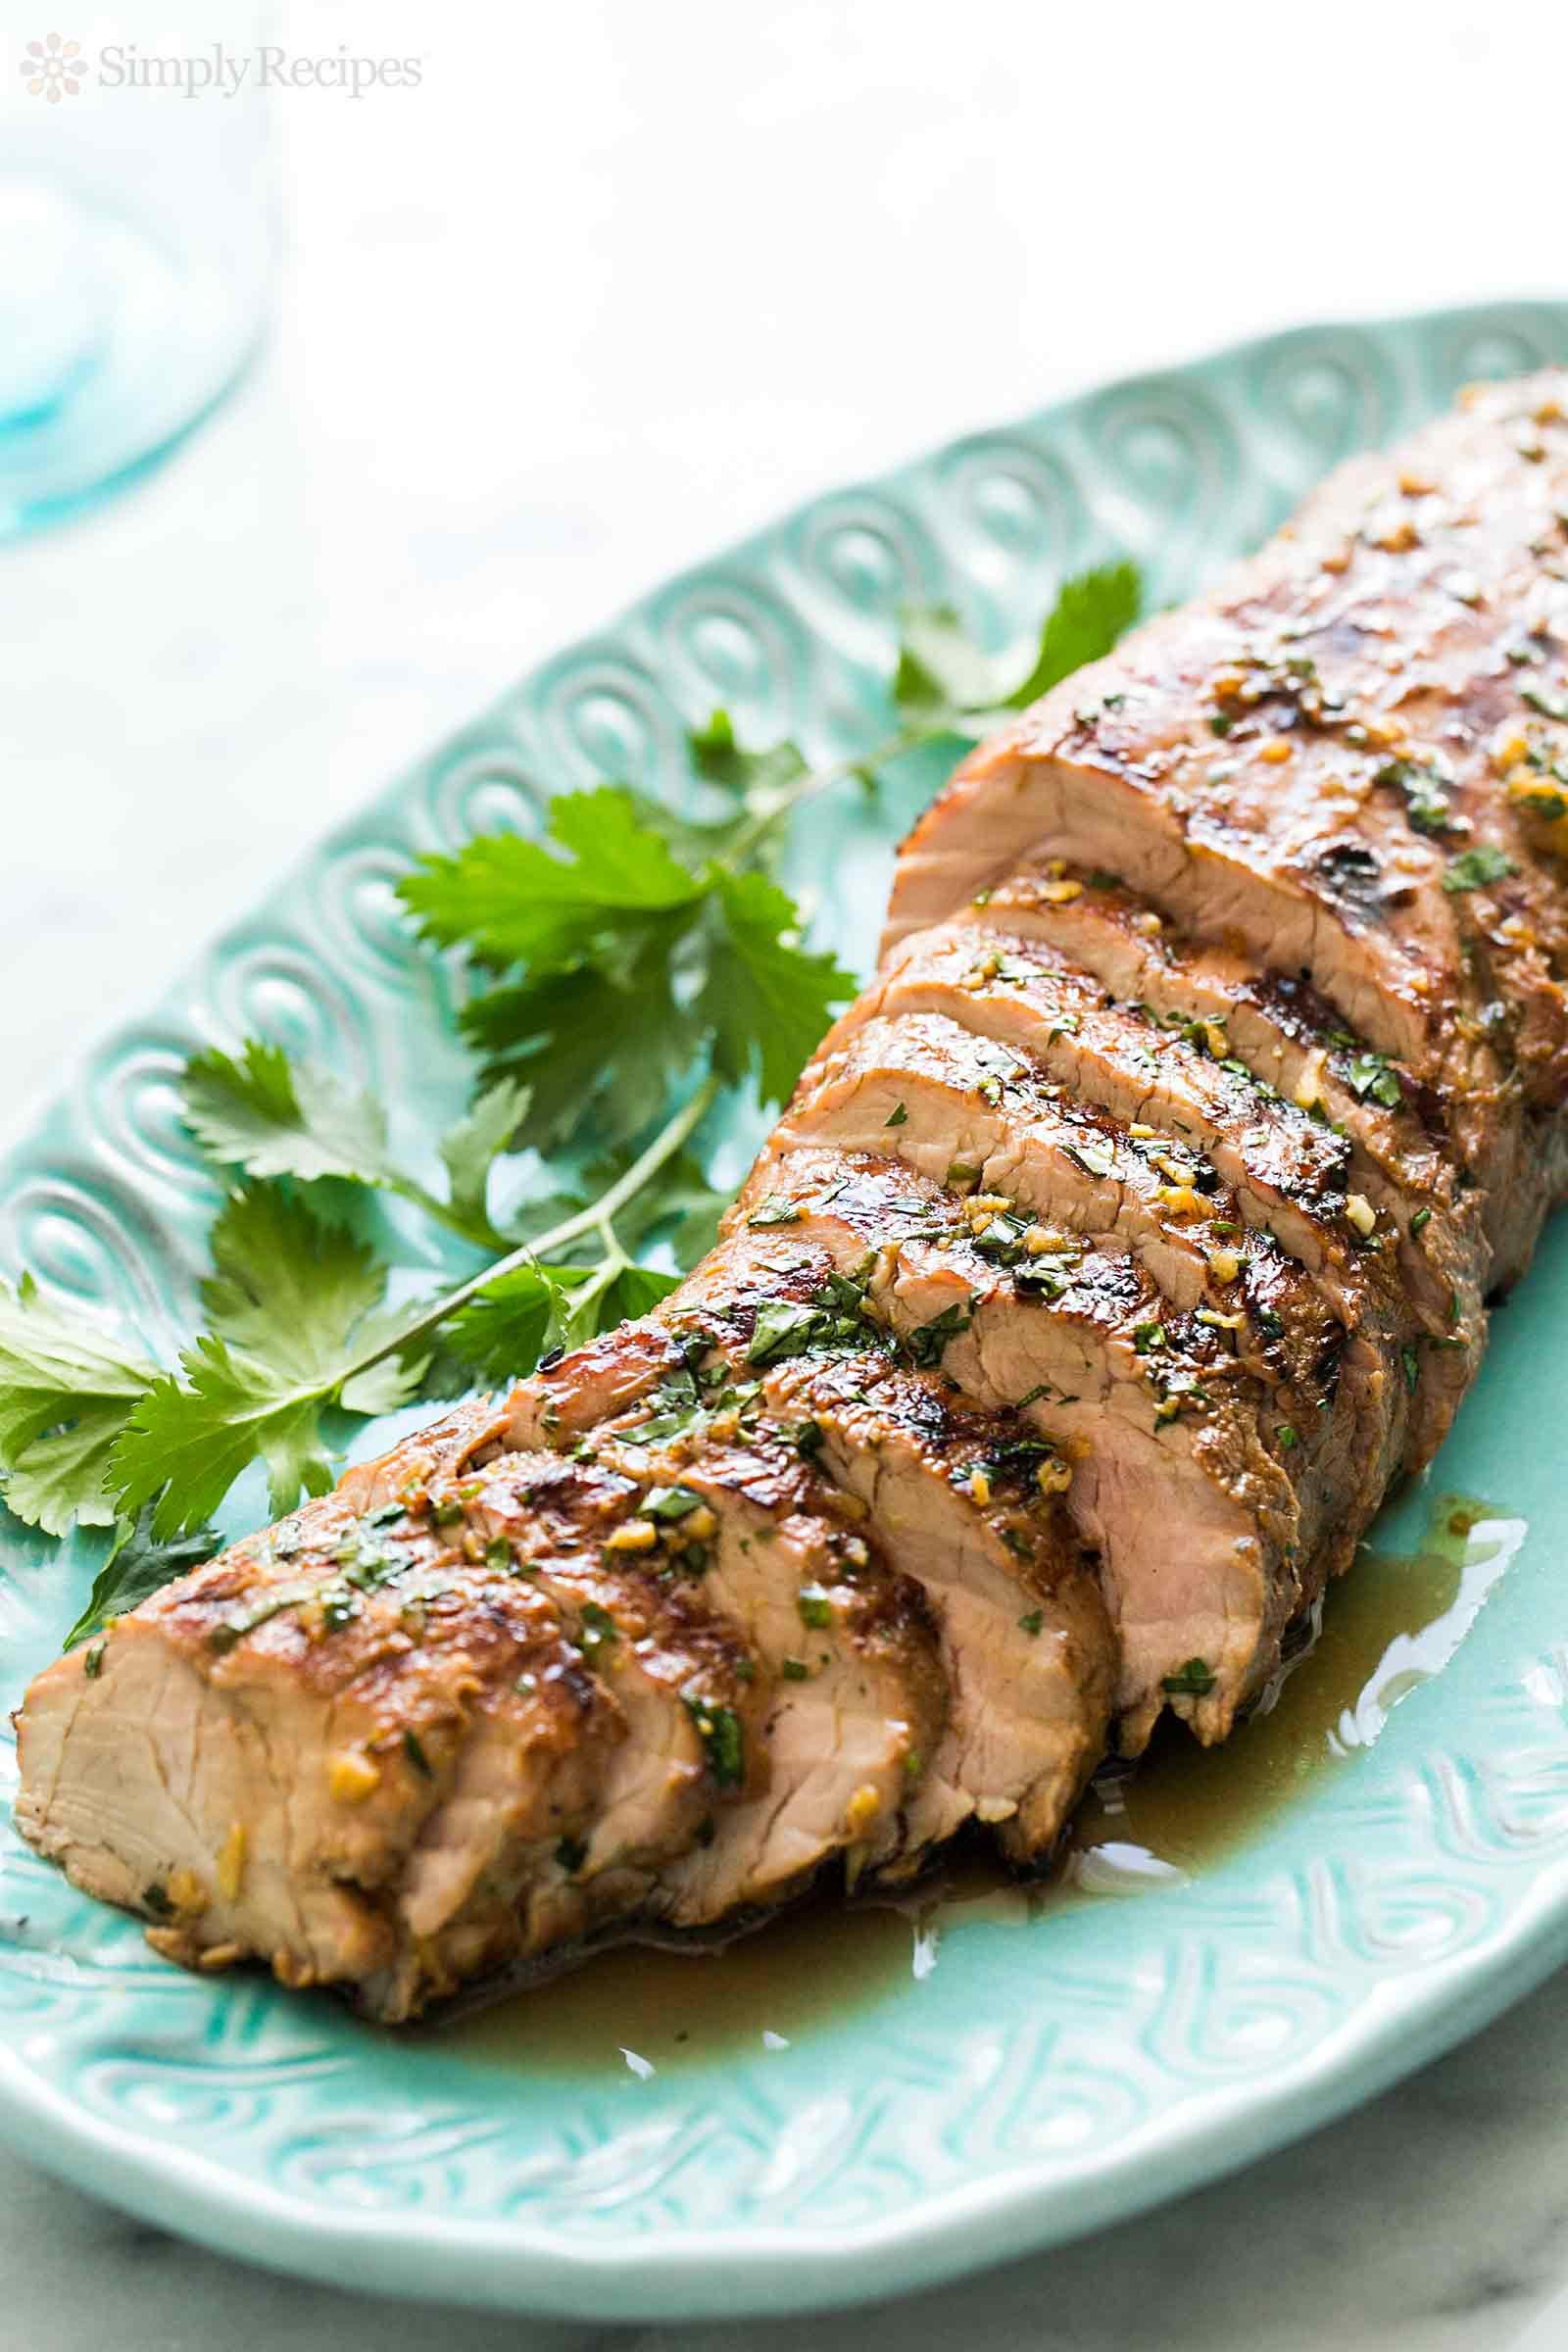 Easy Pork Tenderloin Recipes  Grilled Ginger Sesame Pork Tenderloin Recipe